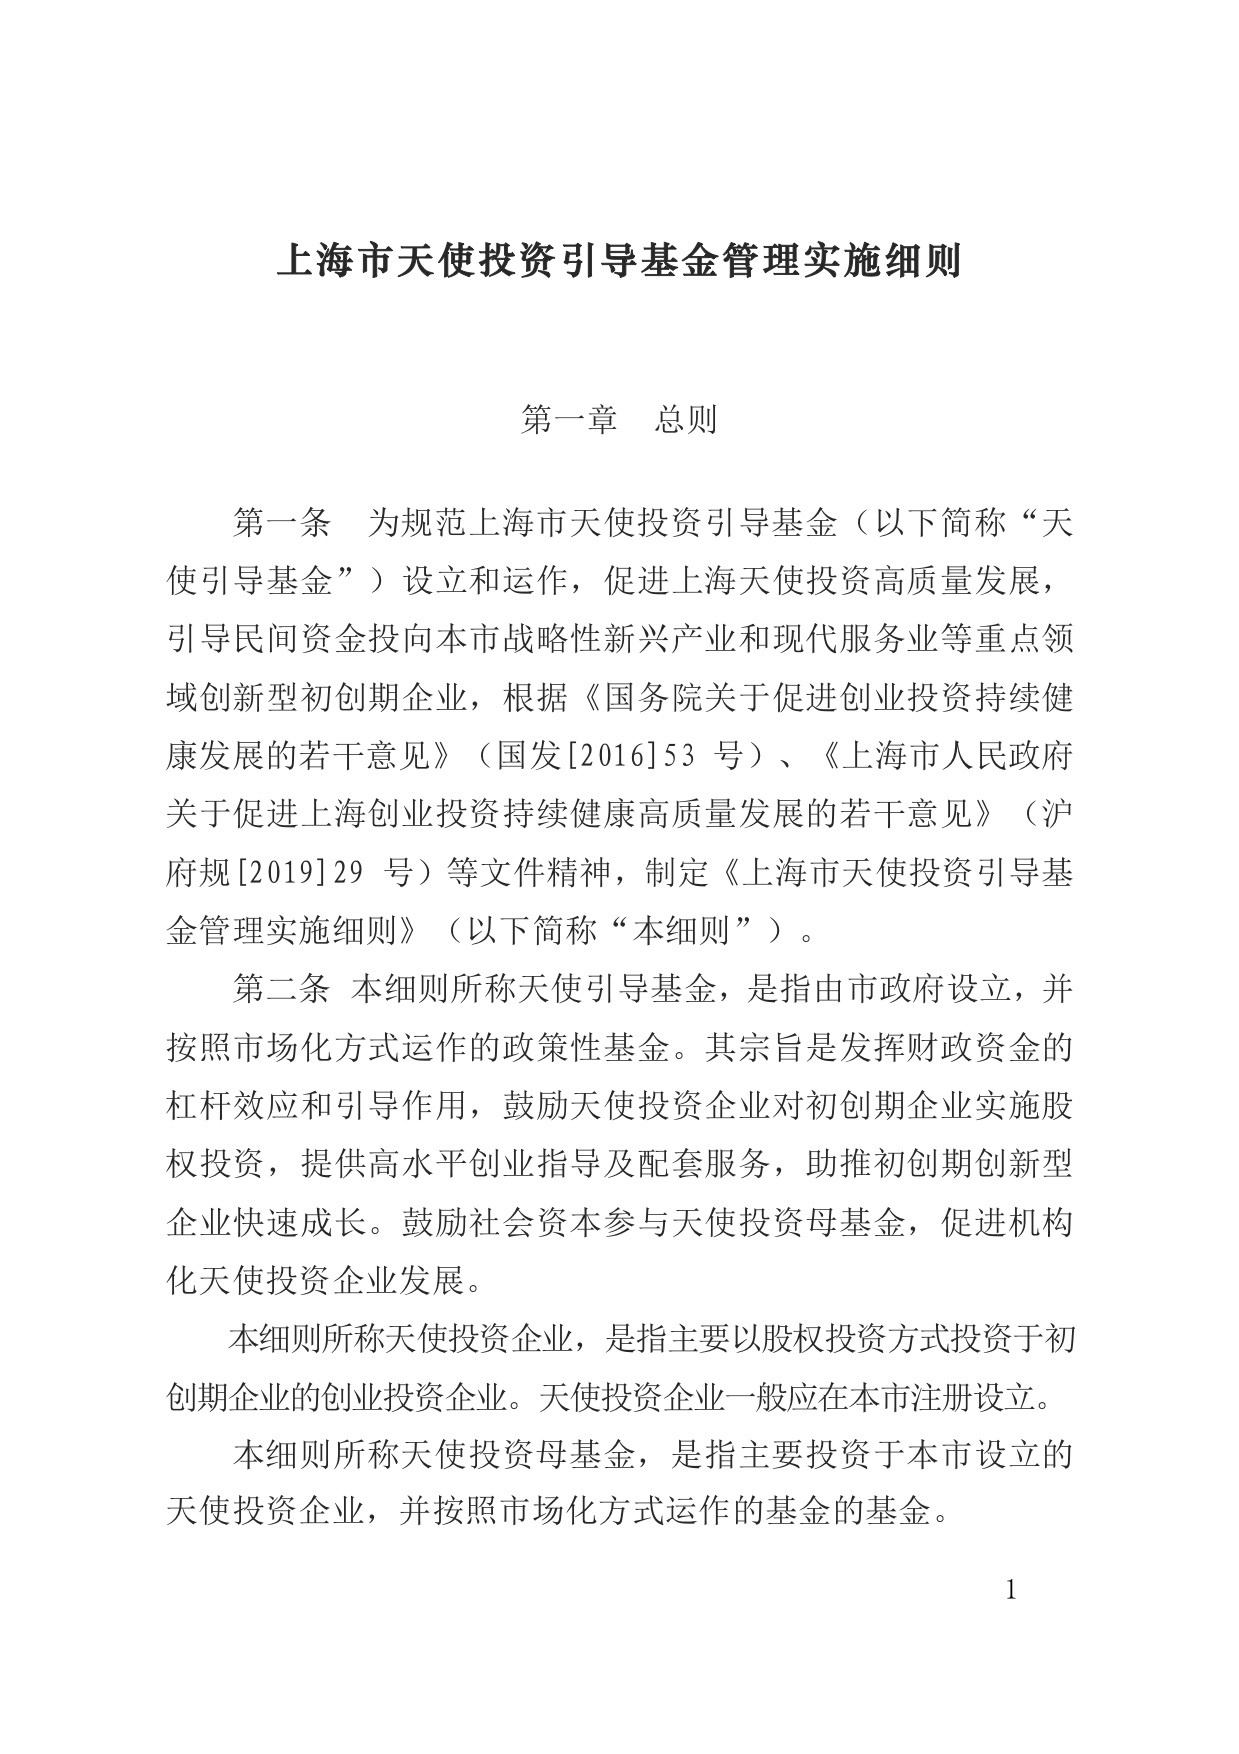 上海修订天使投资引导基金细则:对天使投资企业及其所投初创期企业标准均有所放宽